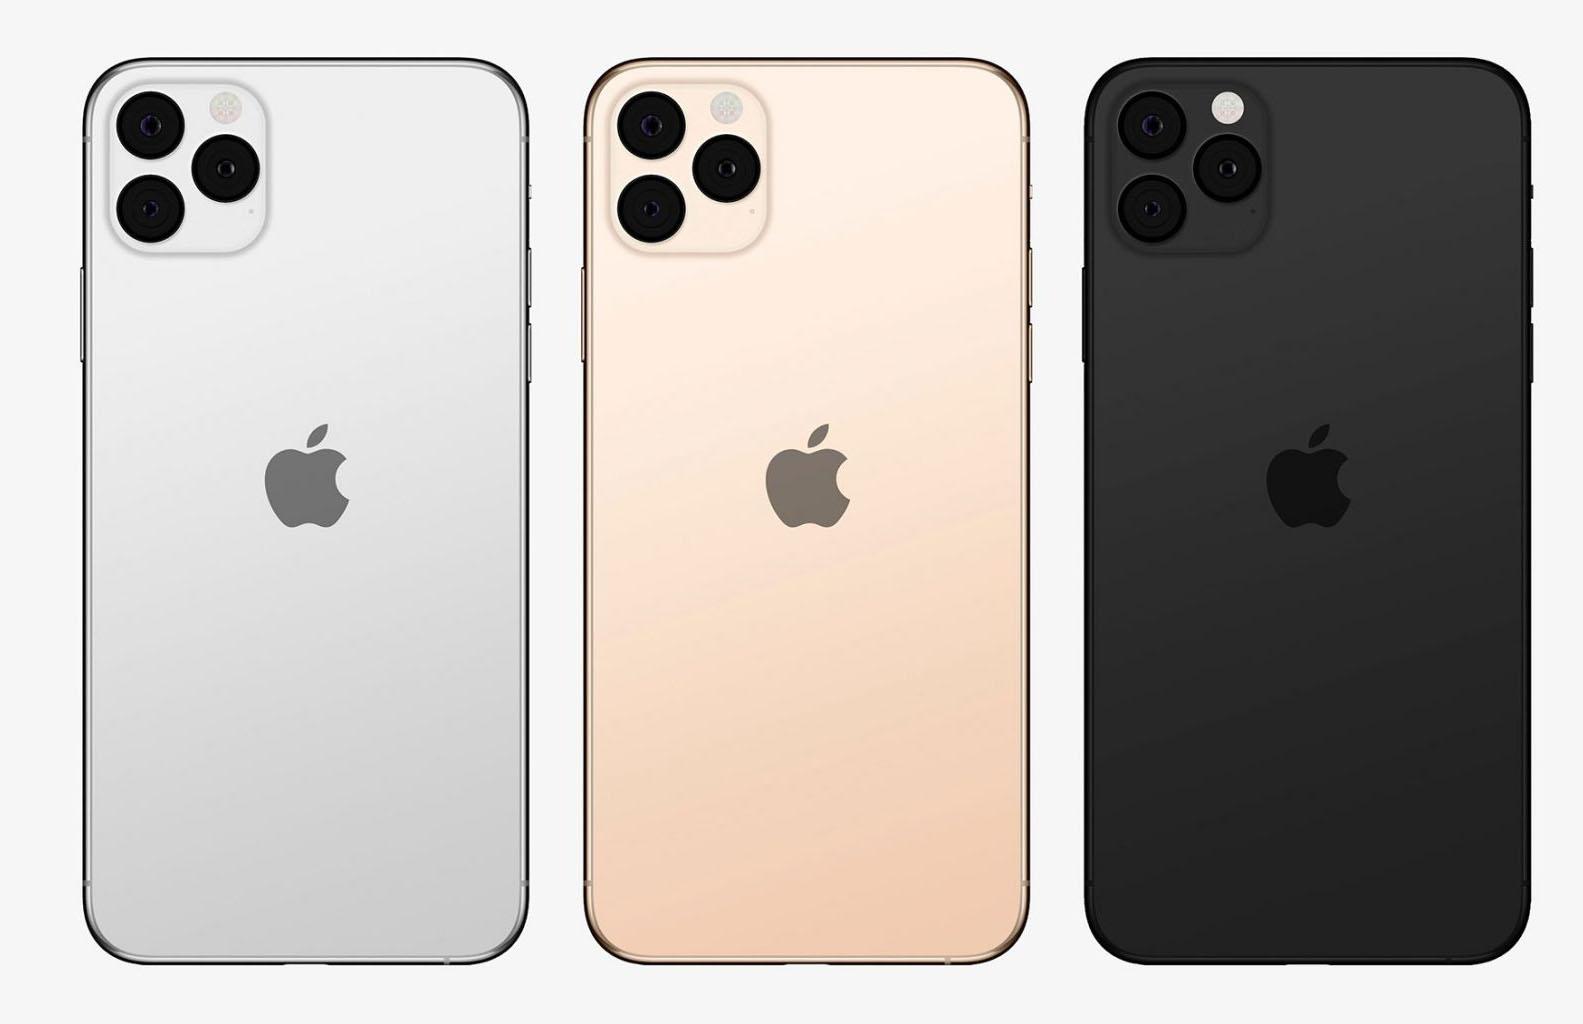 彭博社:新 iPhone 苹果 Logo 将垂直居中